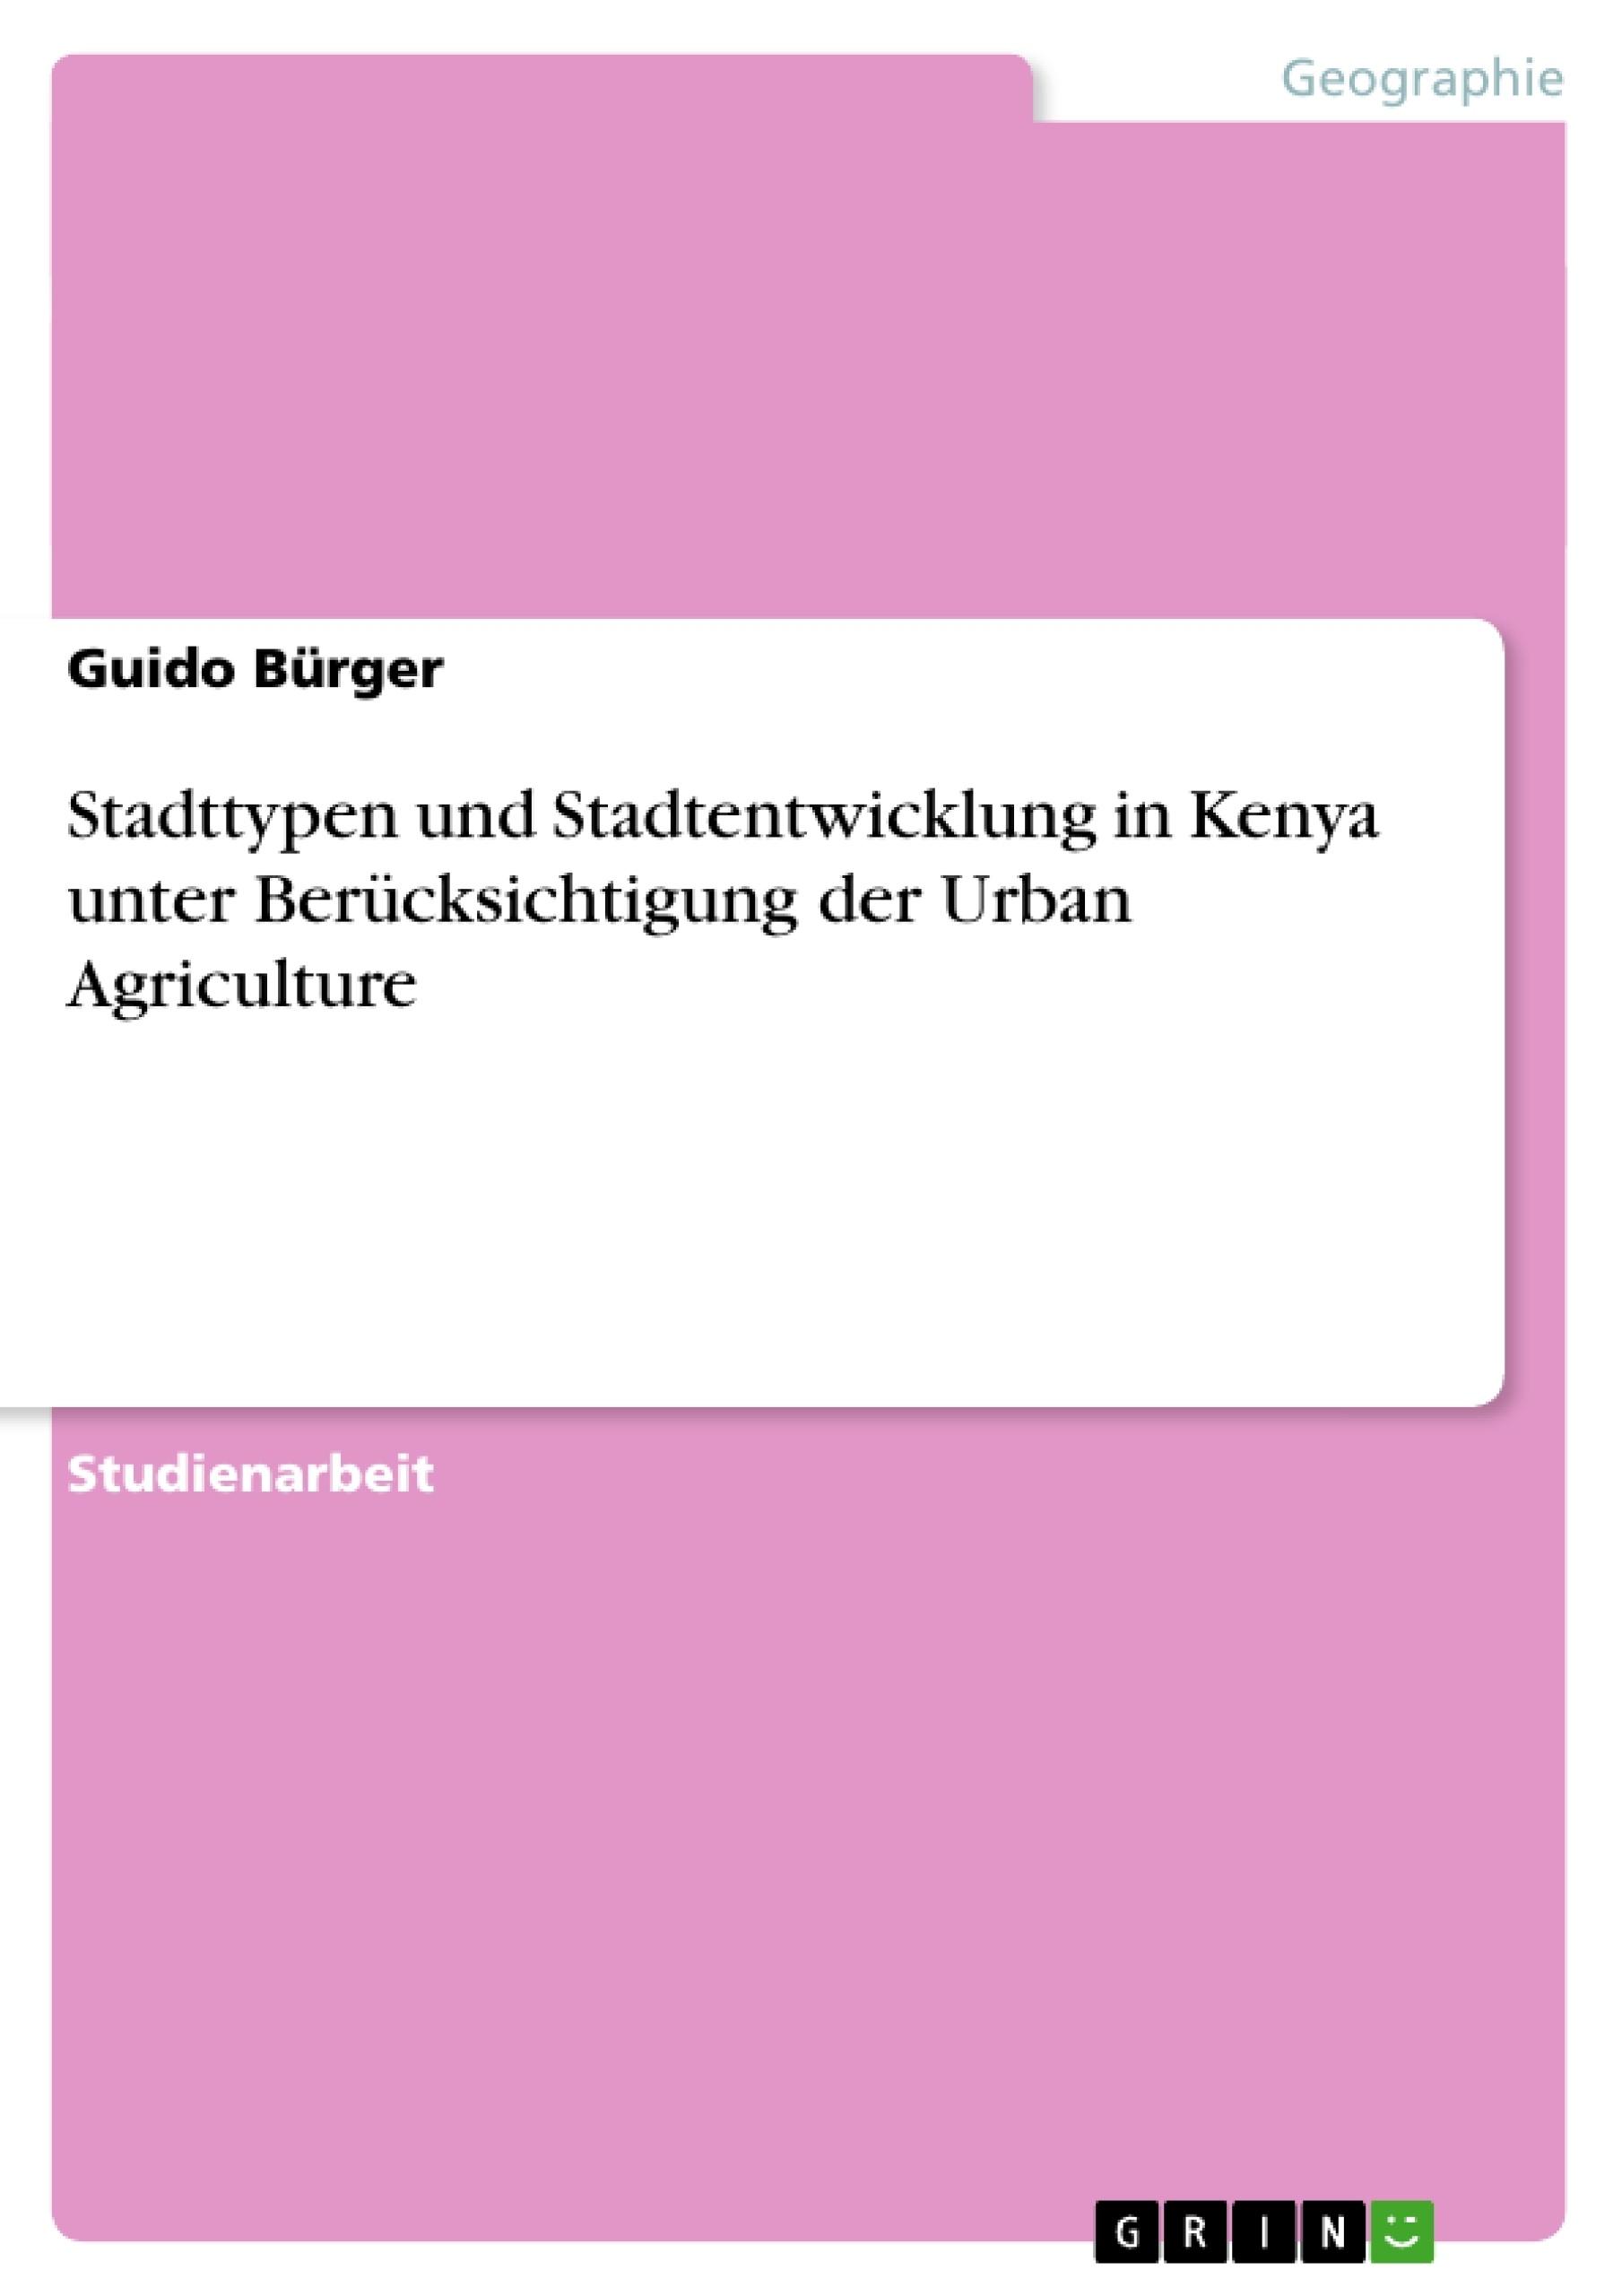 Titel: Stadttypen und Stadtentwicklung in Kenya unter Berücksichtigung der Urban Agriculture